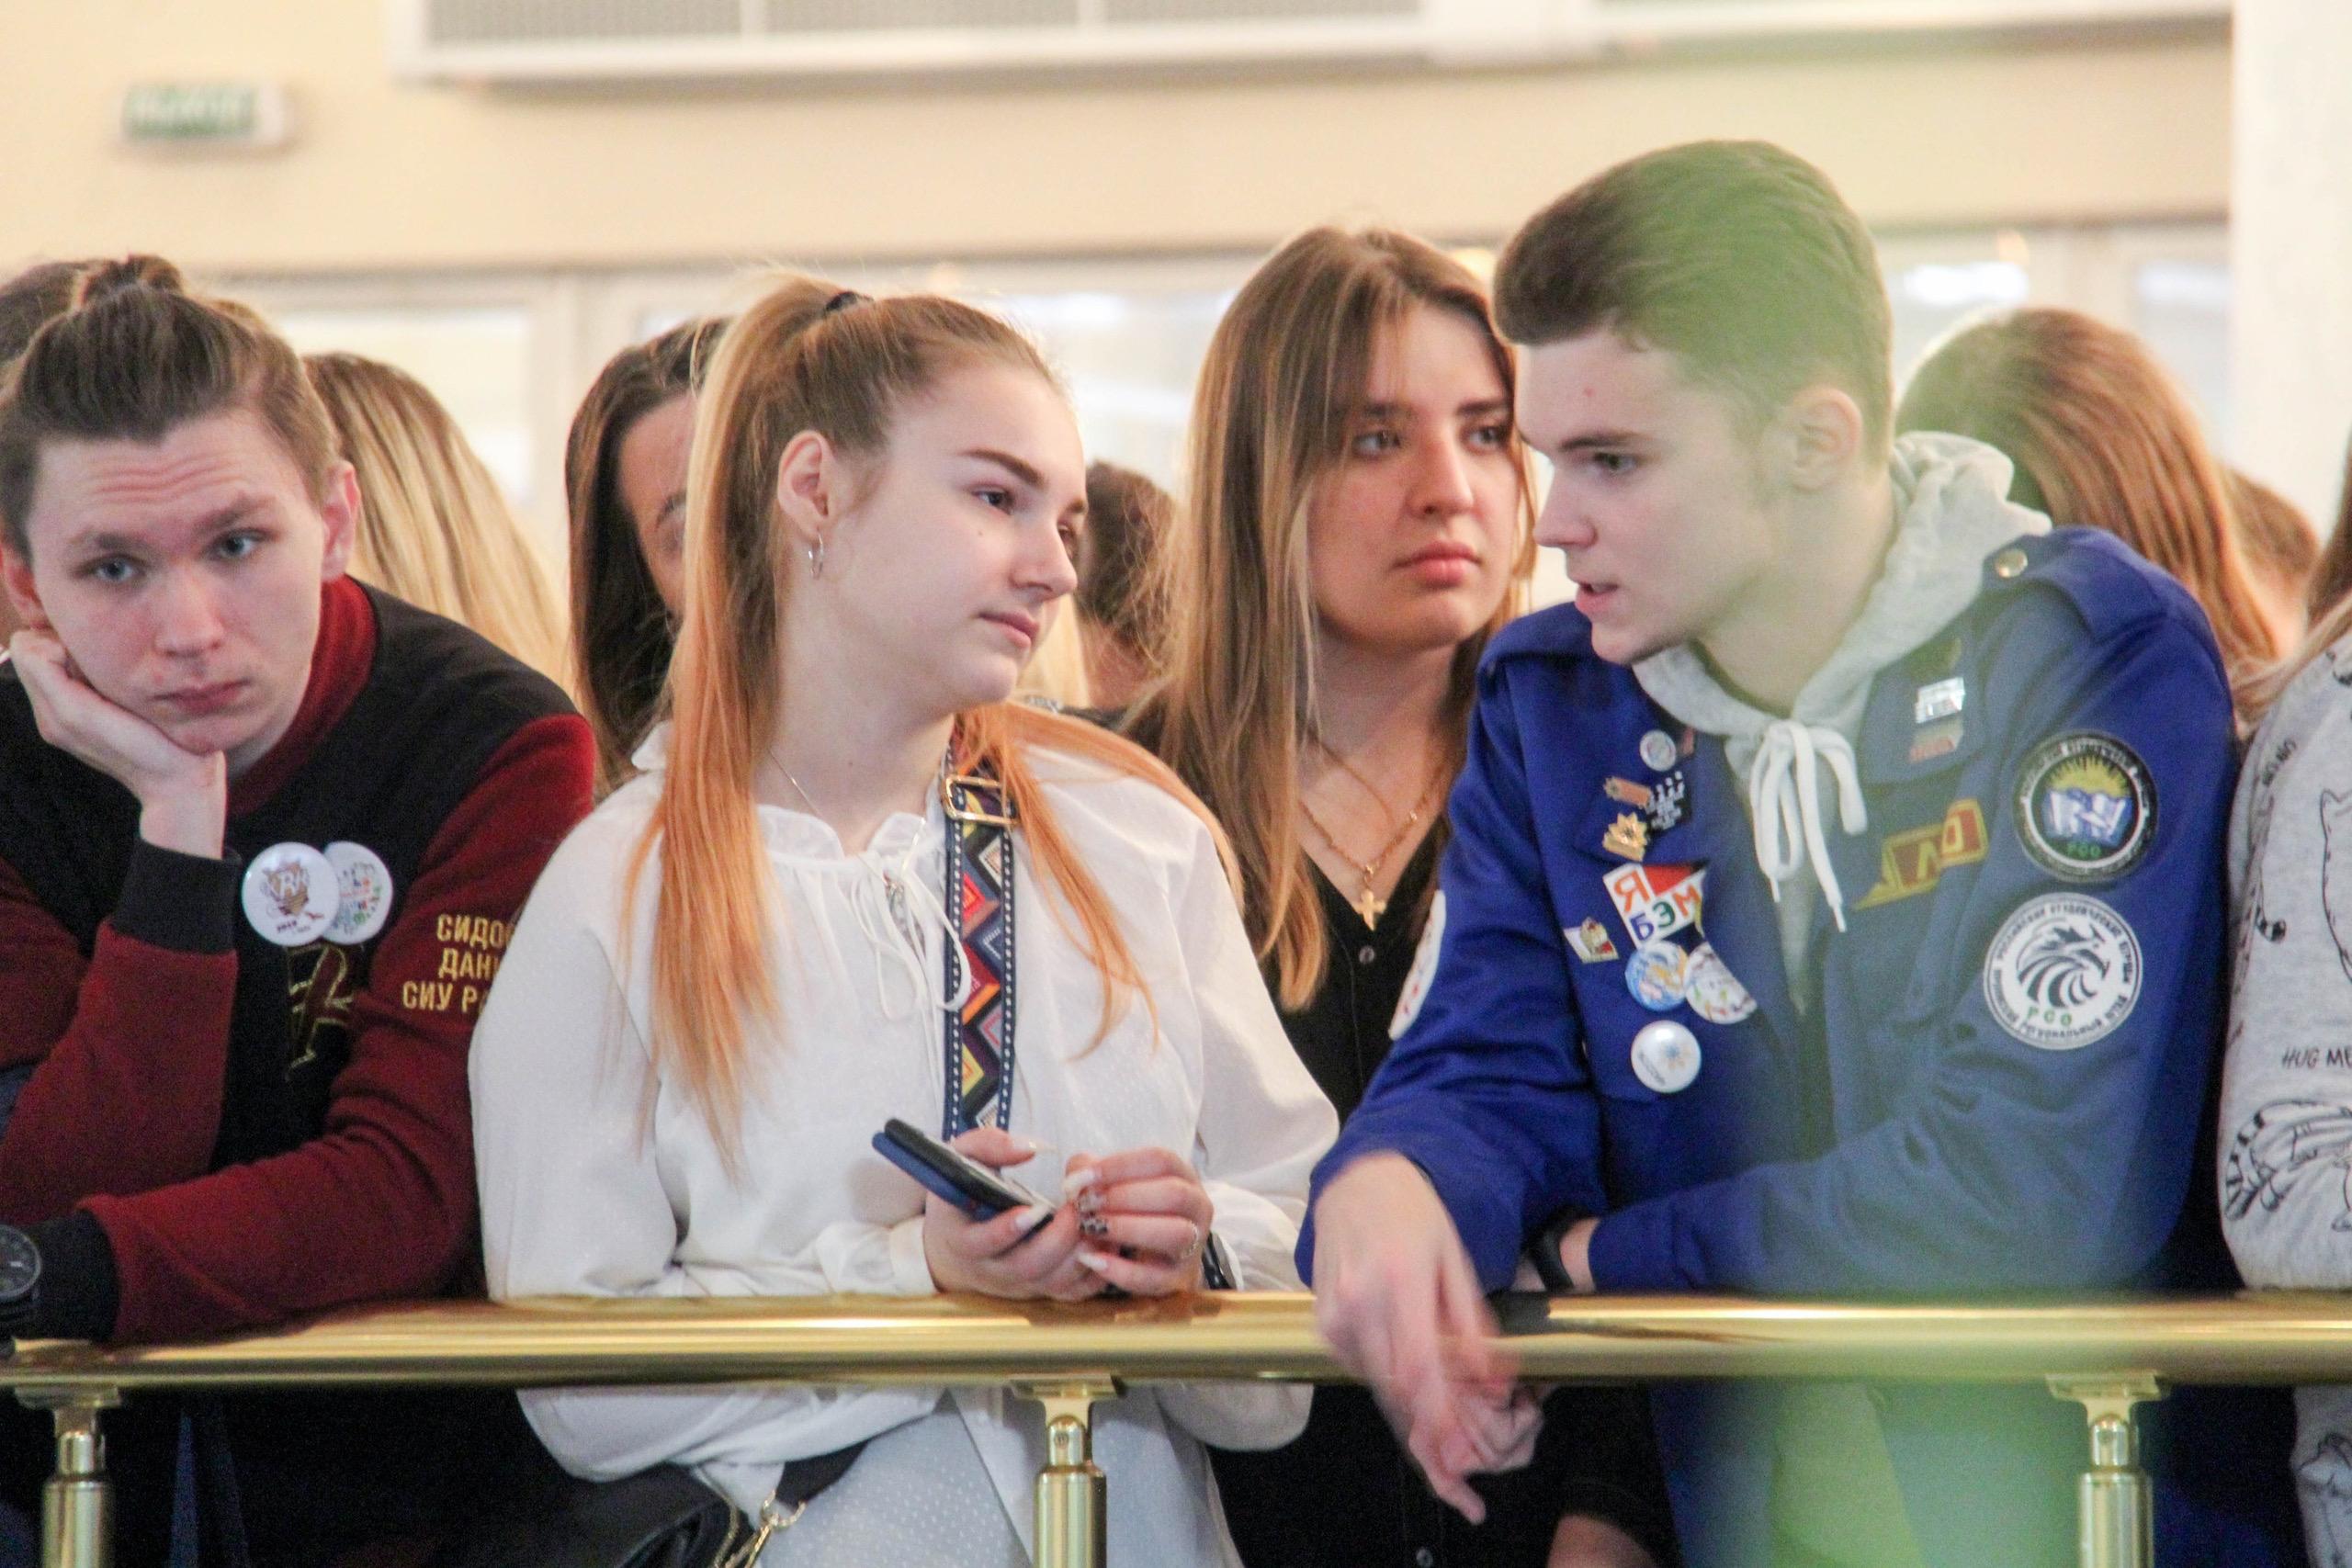 студенты, подростки, молодежь